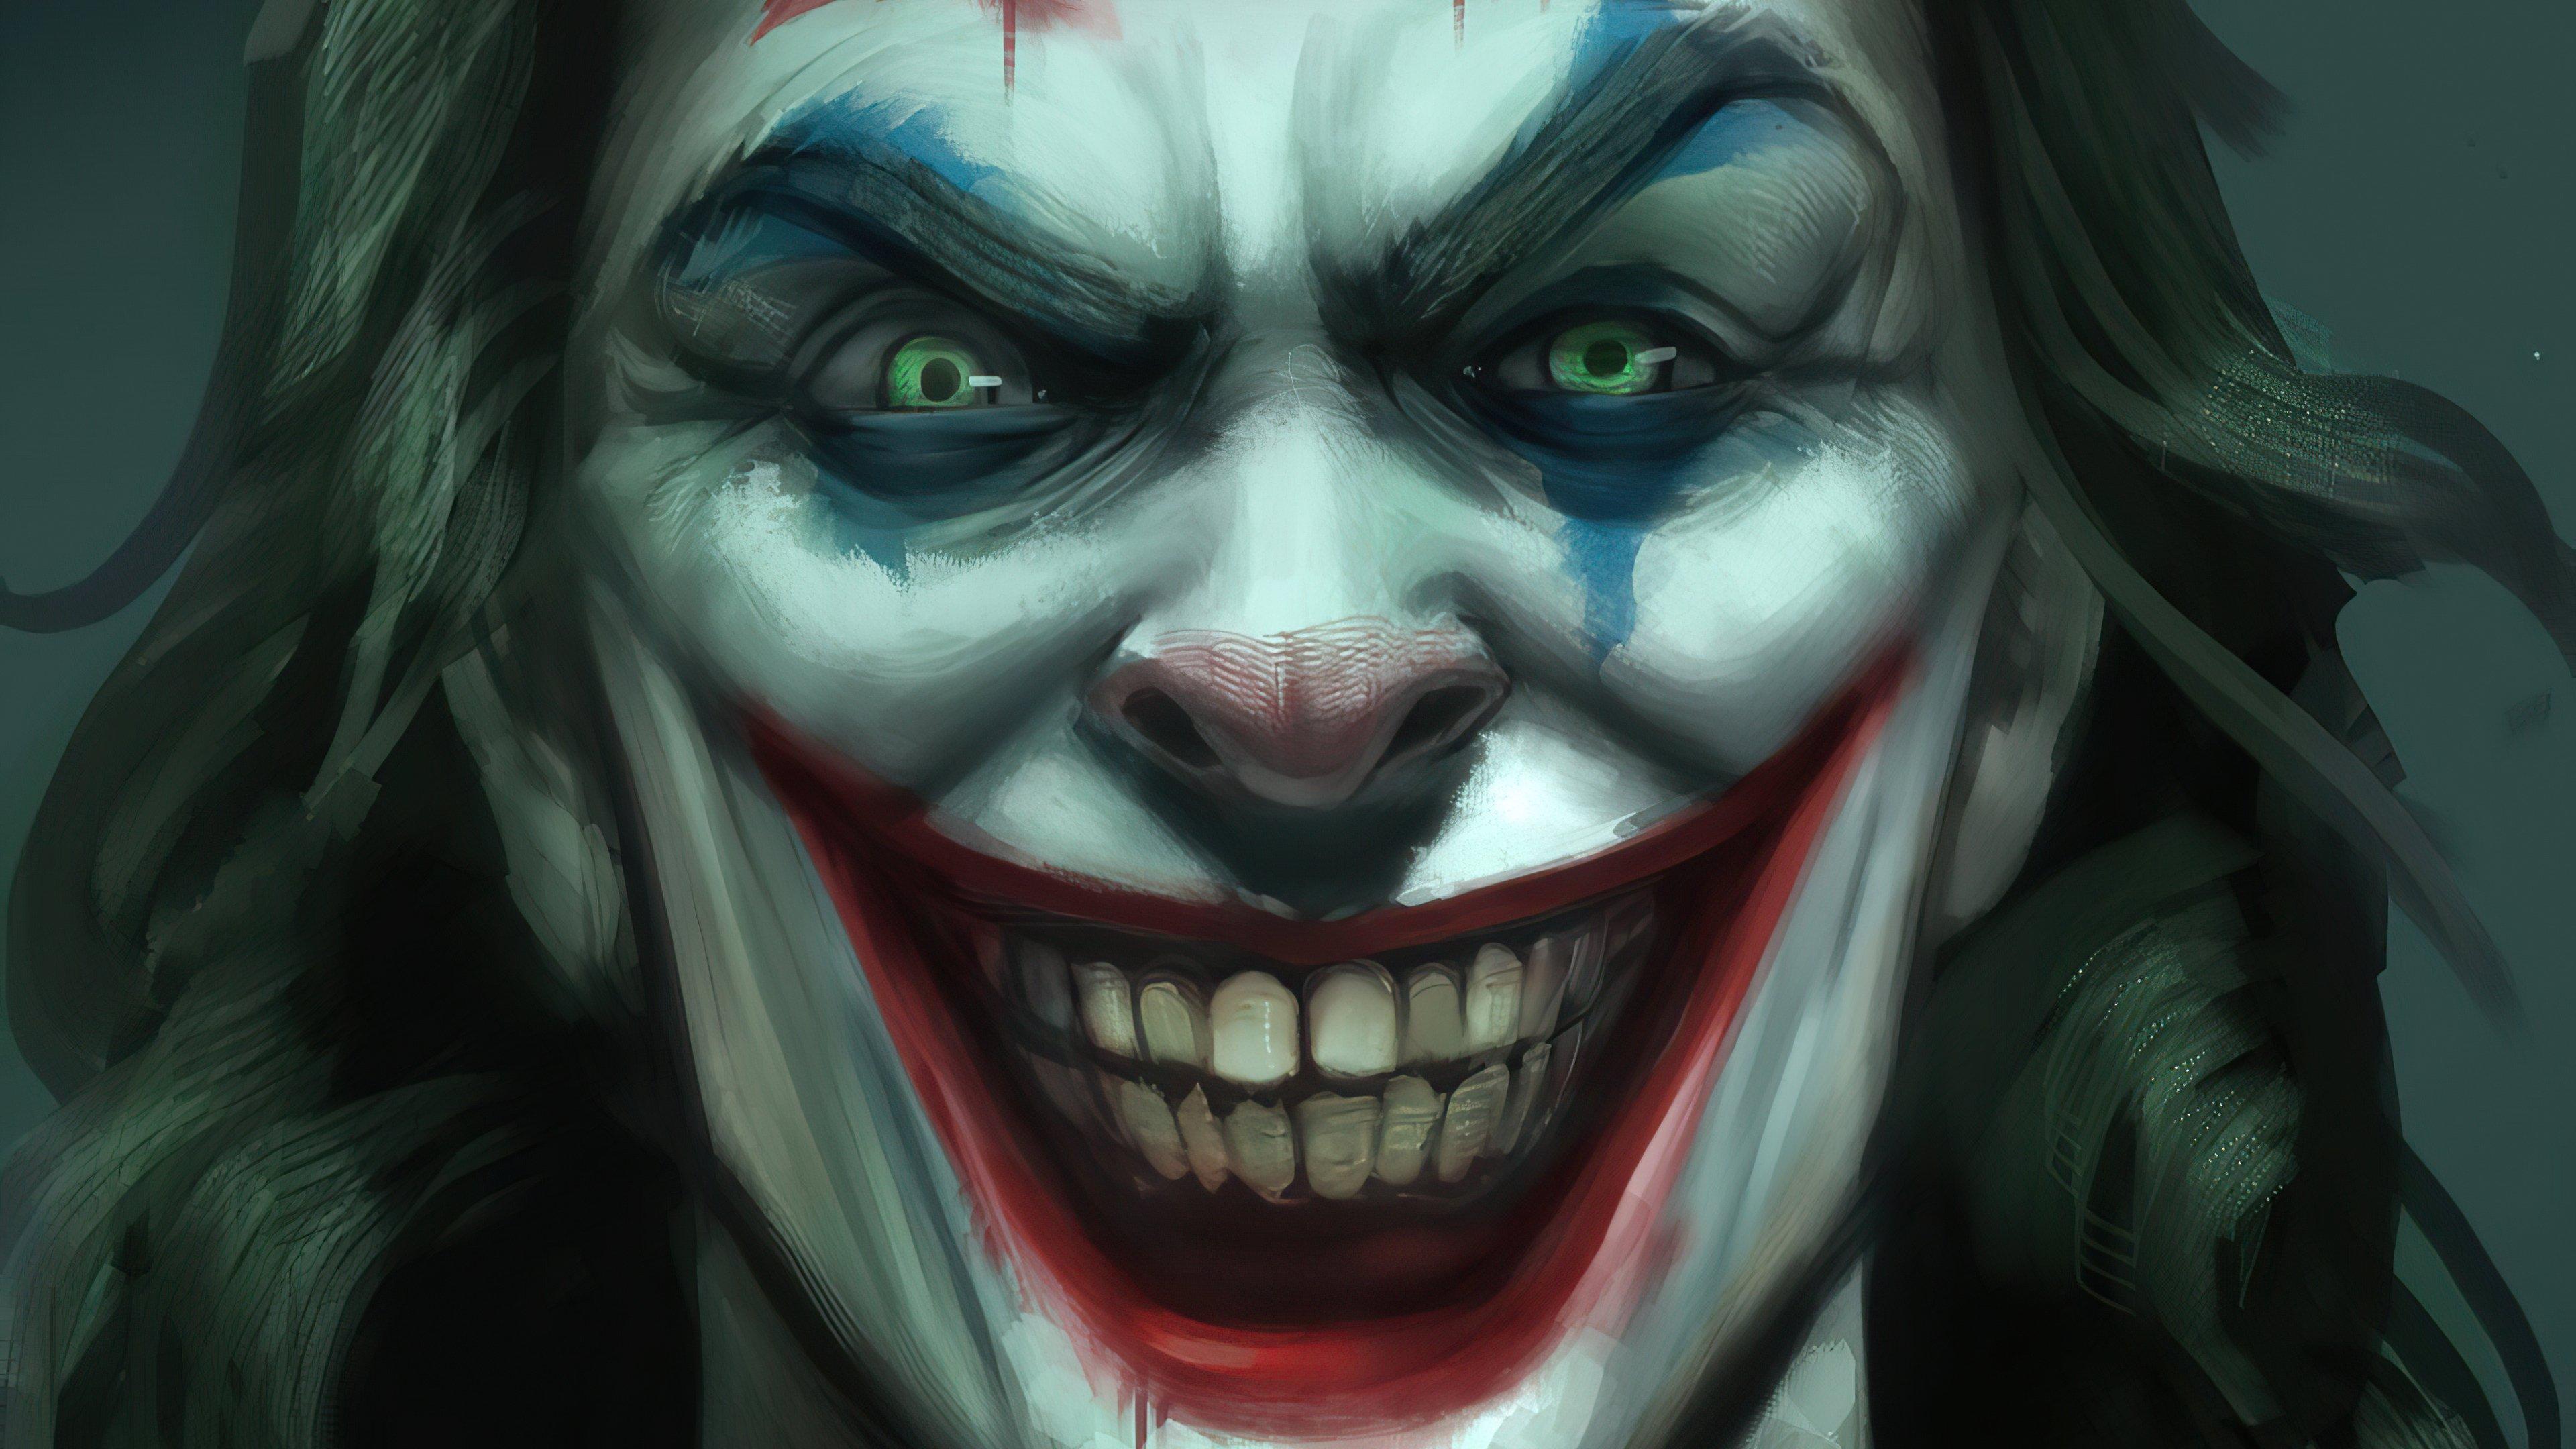 Wallpaper Joker's smile